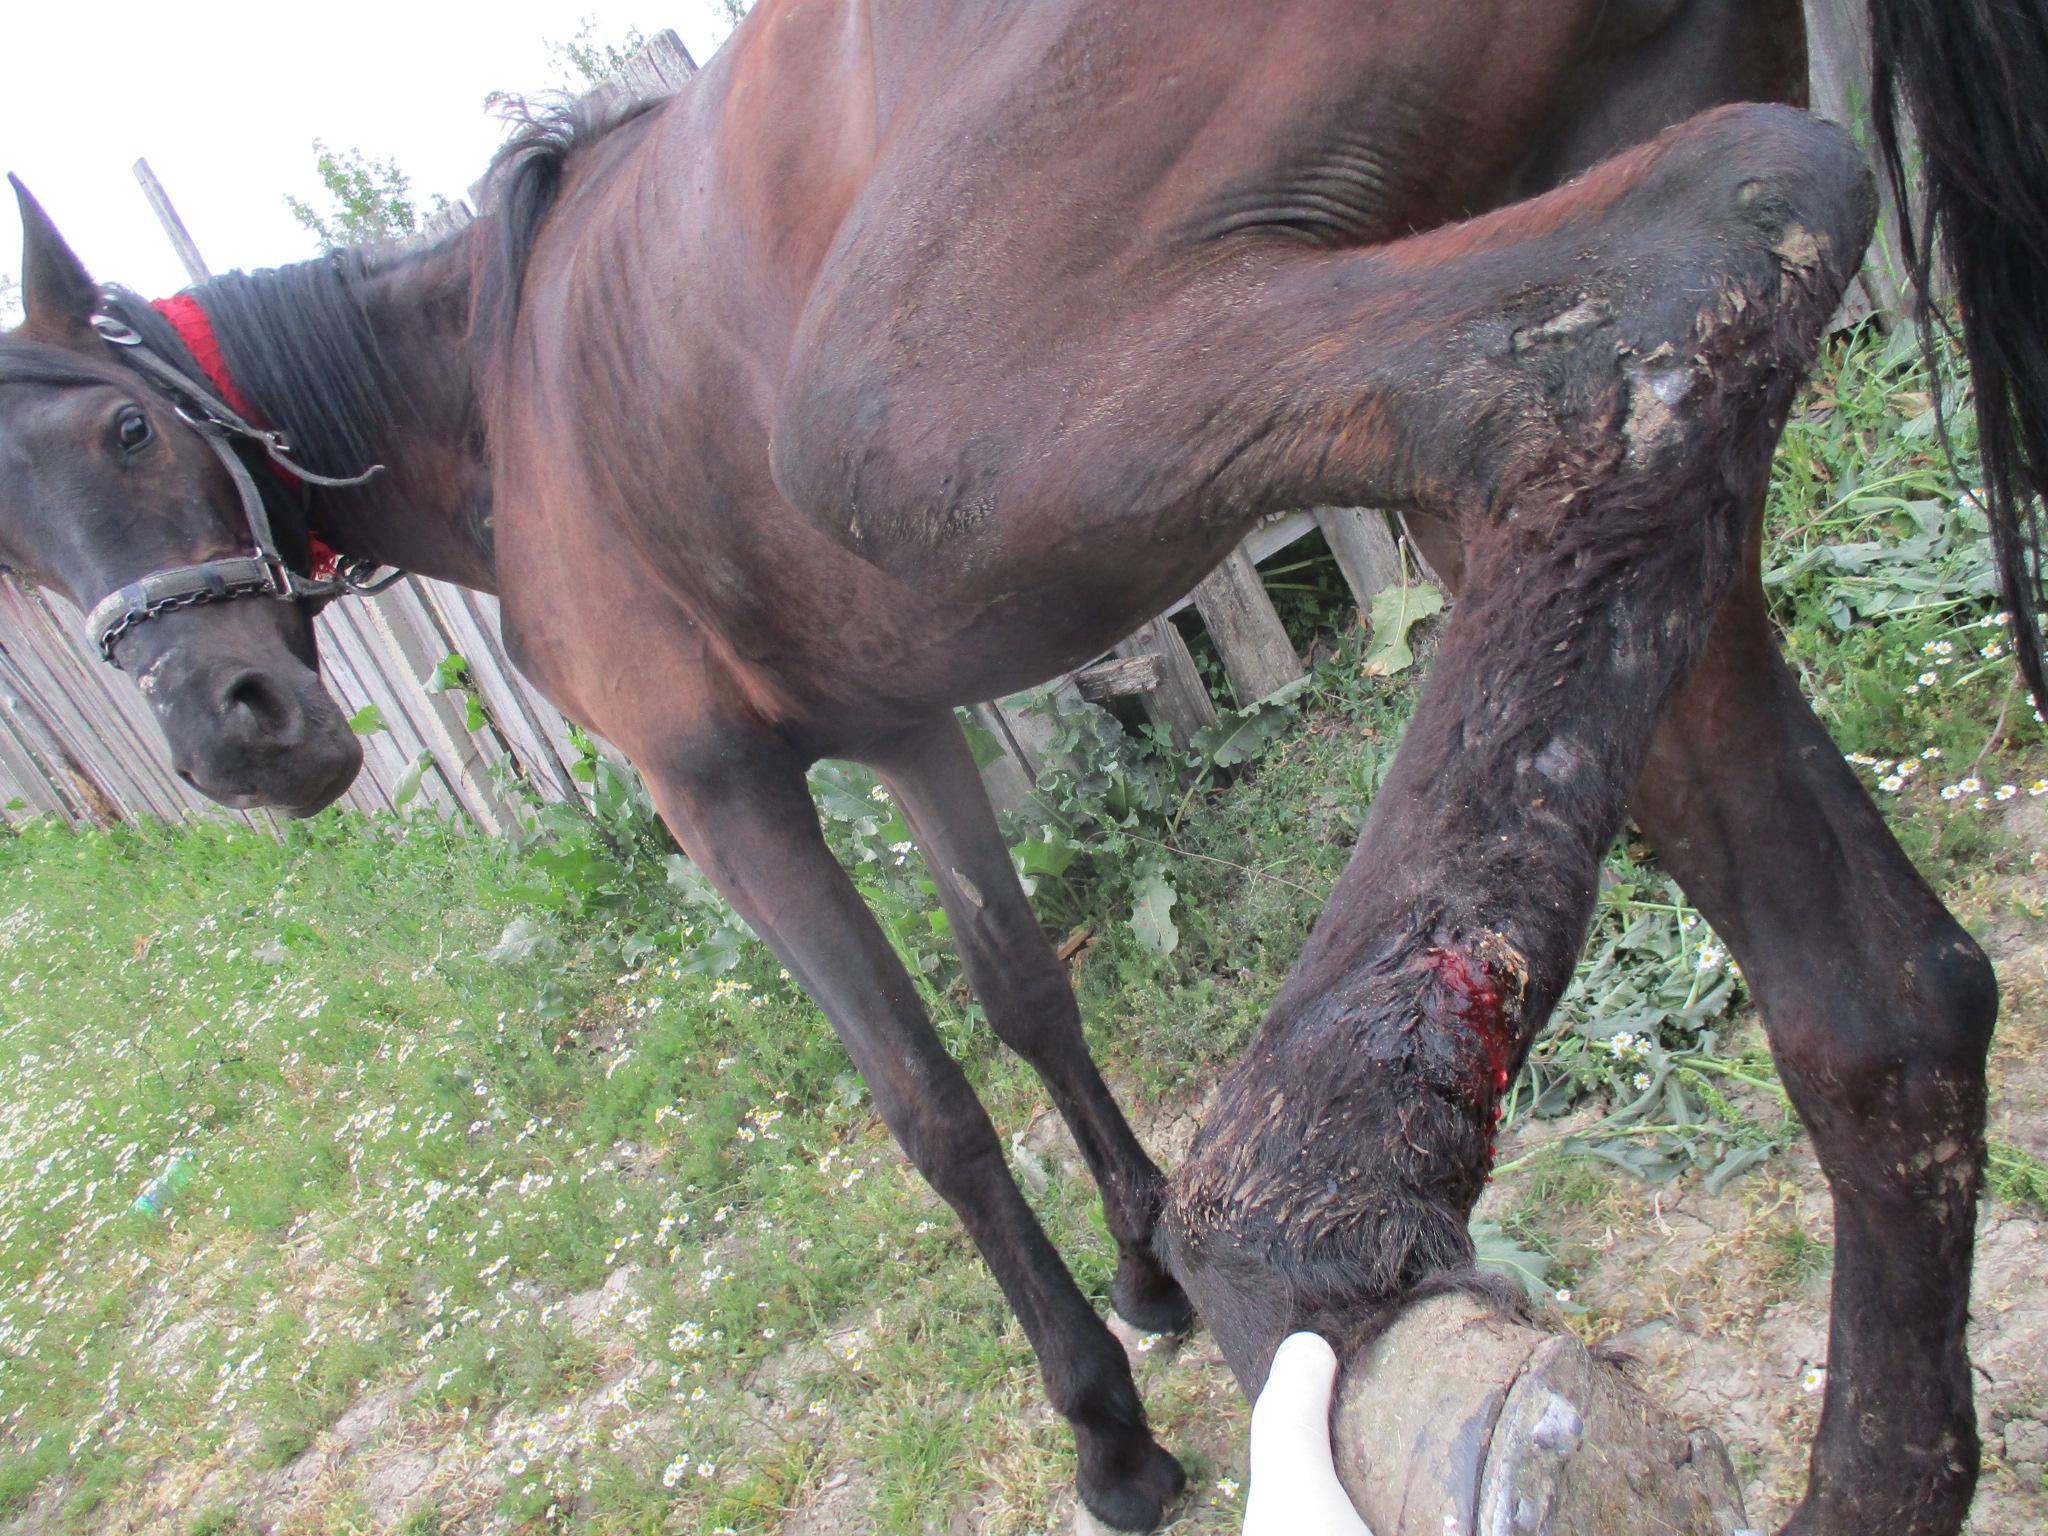 Arbeitspferd mit Schürfwunden. Jeden Tag werden viele Dutzend   Pferde durch uns versorgt.